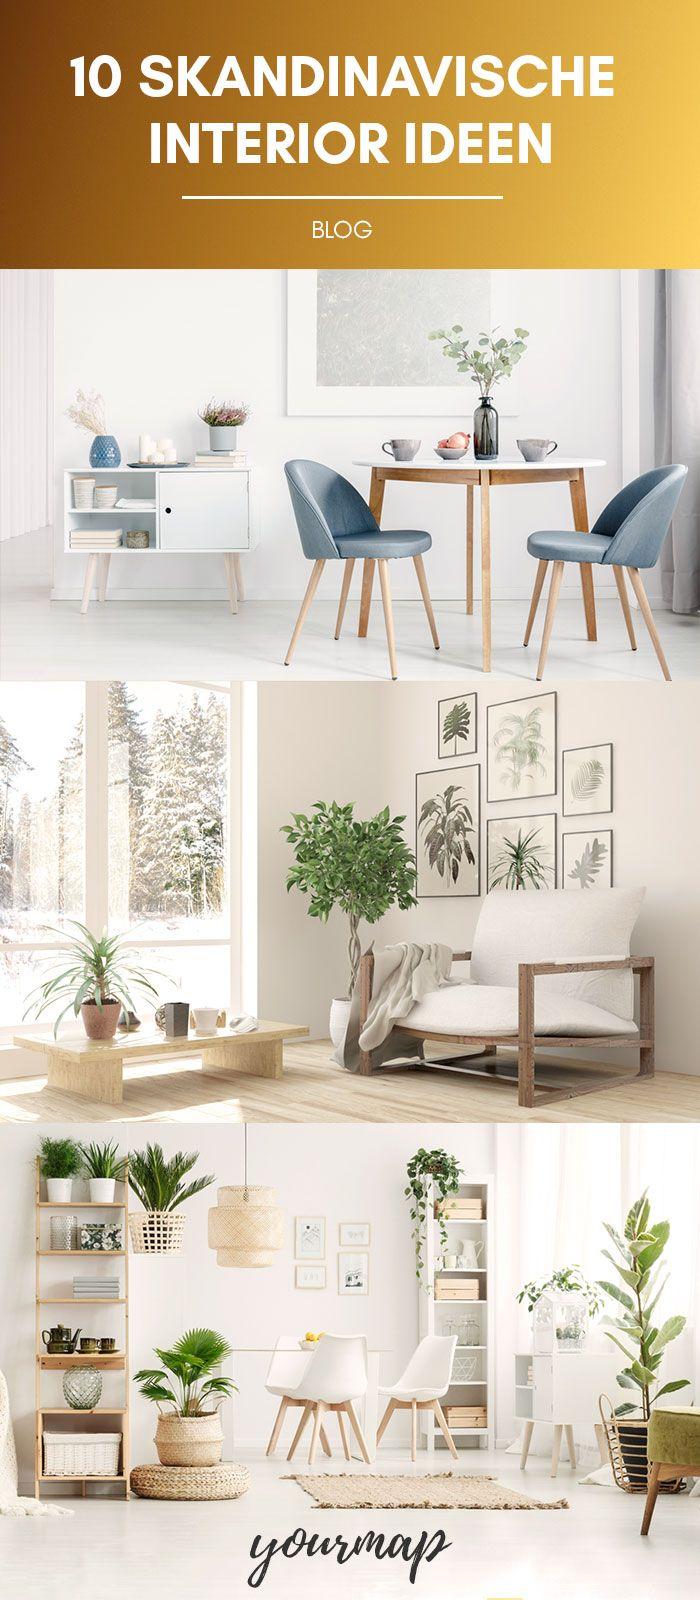 Skandinavisches Interior Design 10 Ideen Für Dein